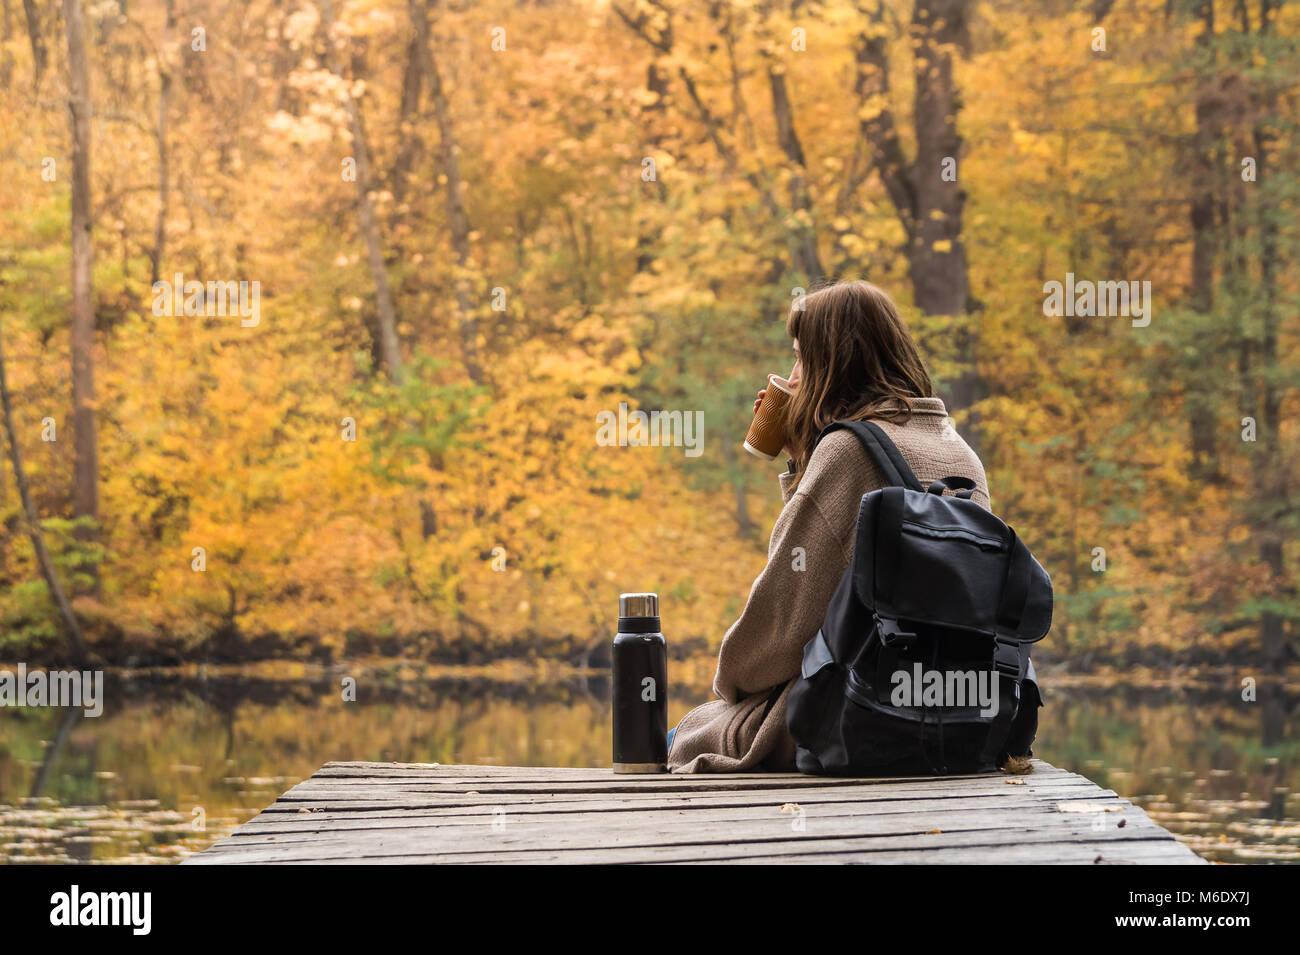 Ragazza con il resto e bevanda calda da thermos nei pressi del lago in un parco naturale su un gold giornata autunnale Immagini Stock